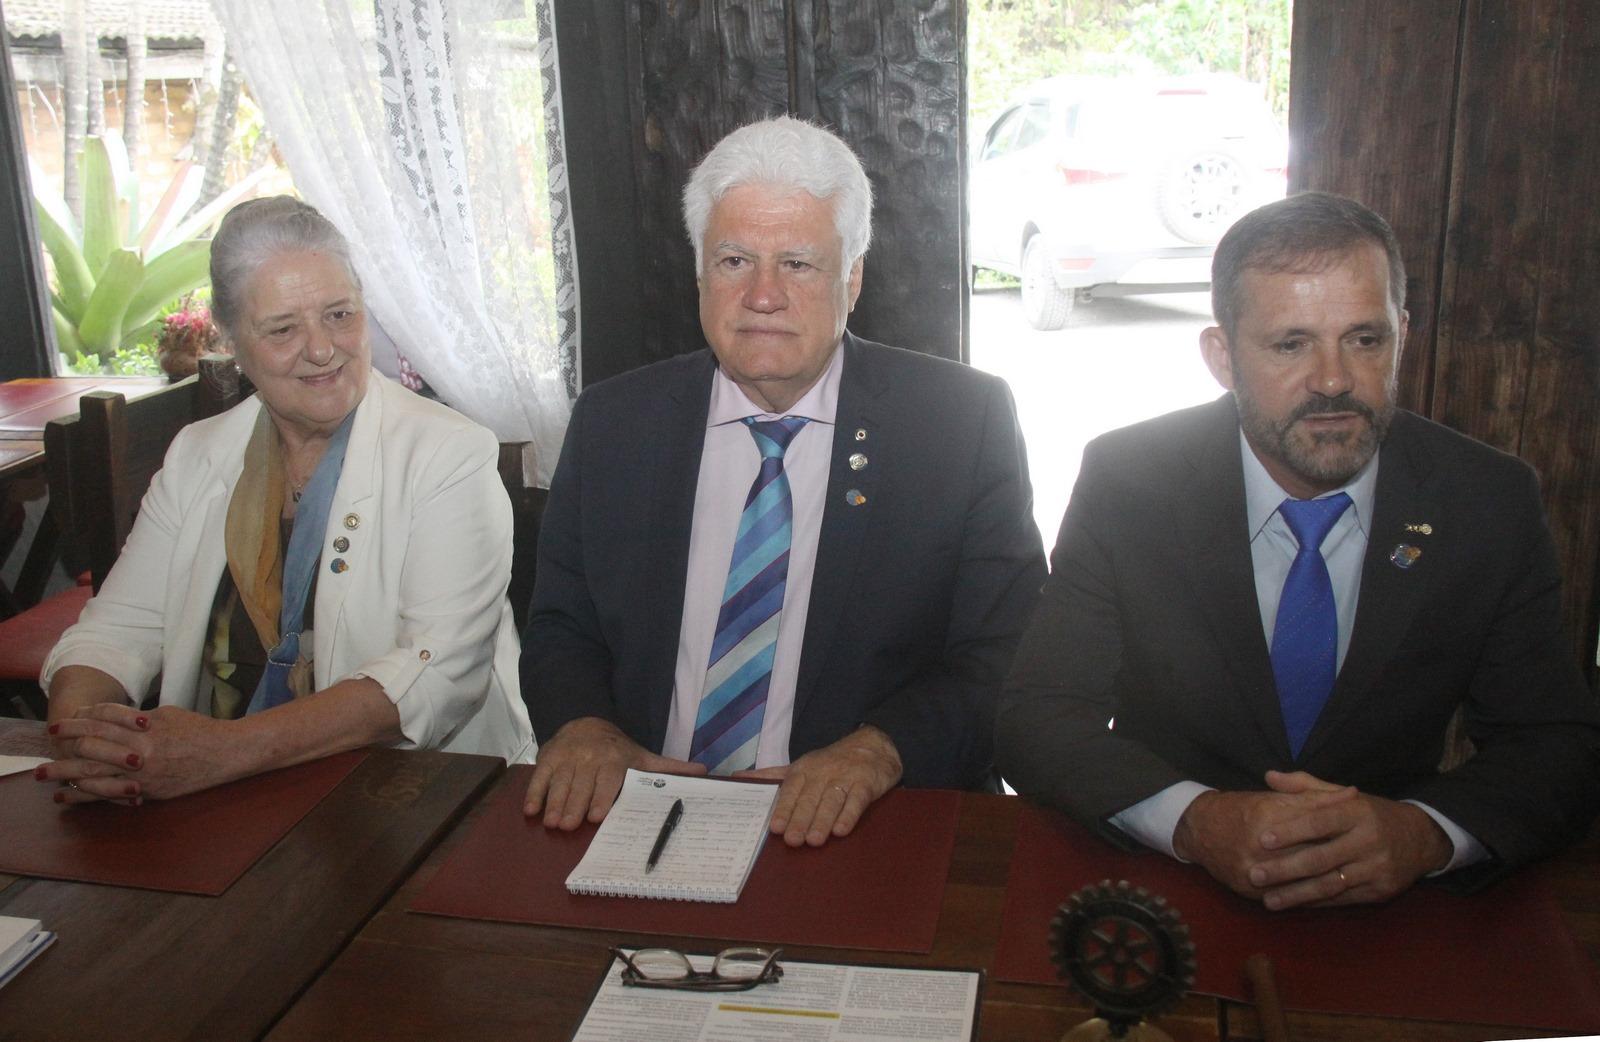 O governador distrital Aroldo Gonçalves (ao centro) e sua esposa Myrthes foram recepcionados no Rotary Olaria pelo presidente Dênis Santarém e conheceram os projetos desenvolvidos (Divulgação)